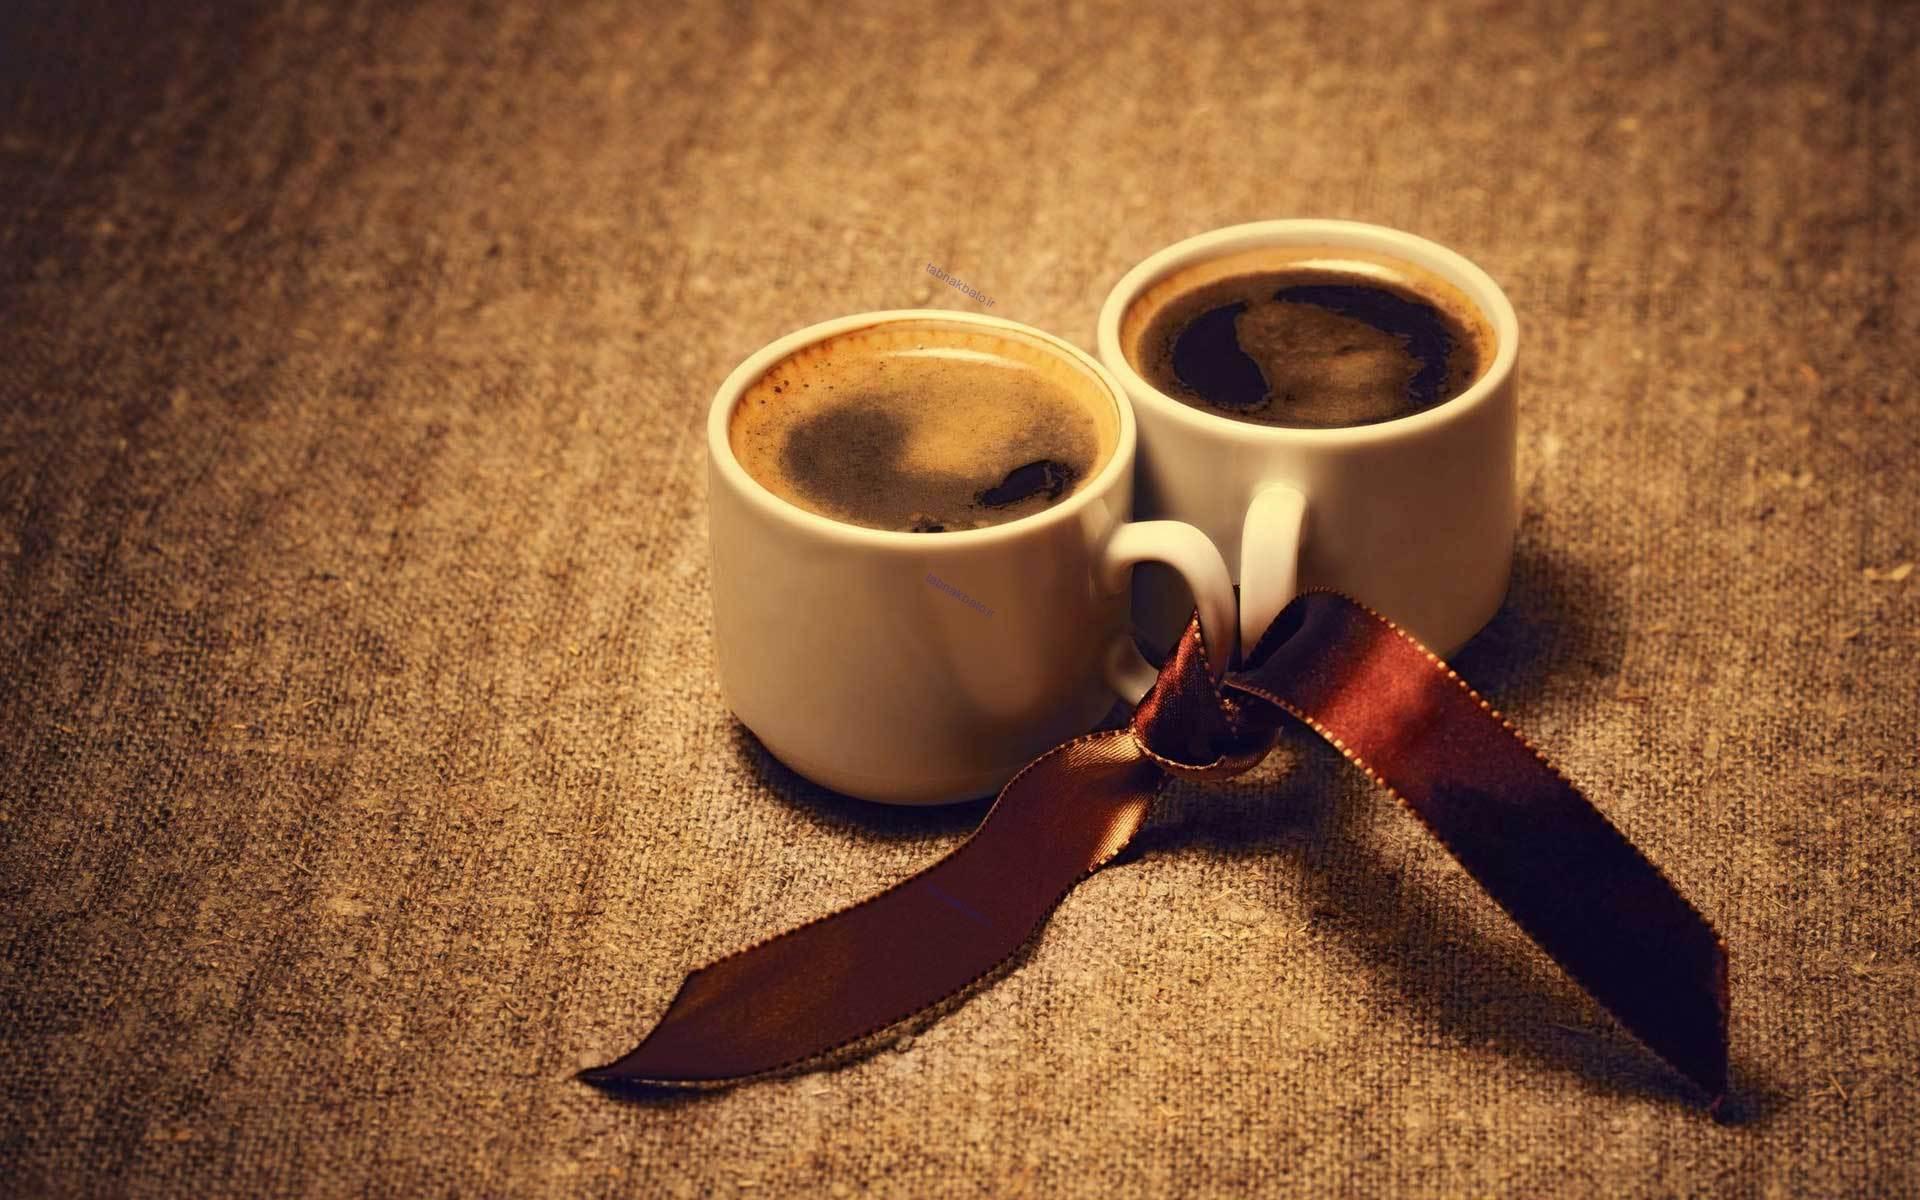 مژده به دوستداران قهوه!